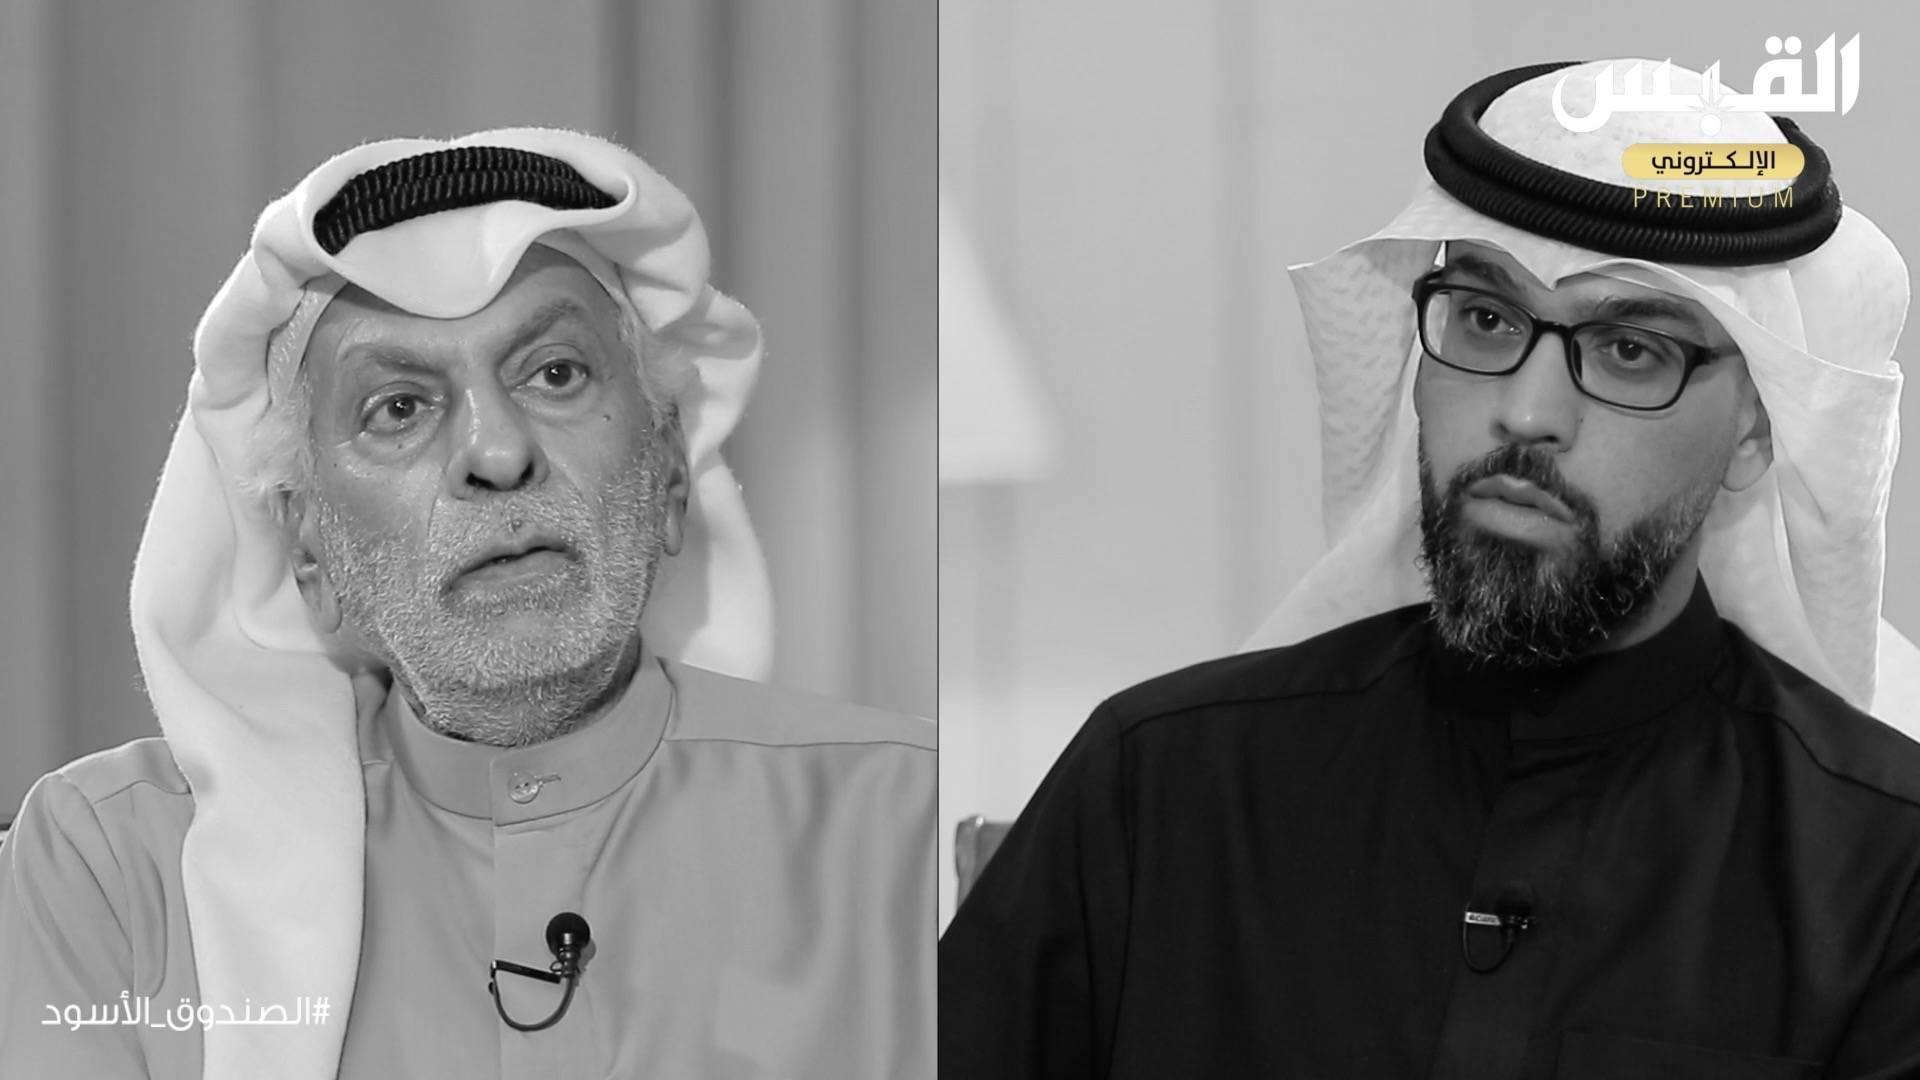 حصرياً.. الجزء 29 و 30 من سلسلة حلقات د. عبدالله النفيسي